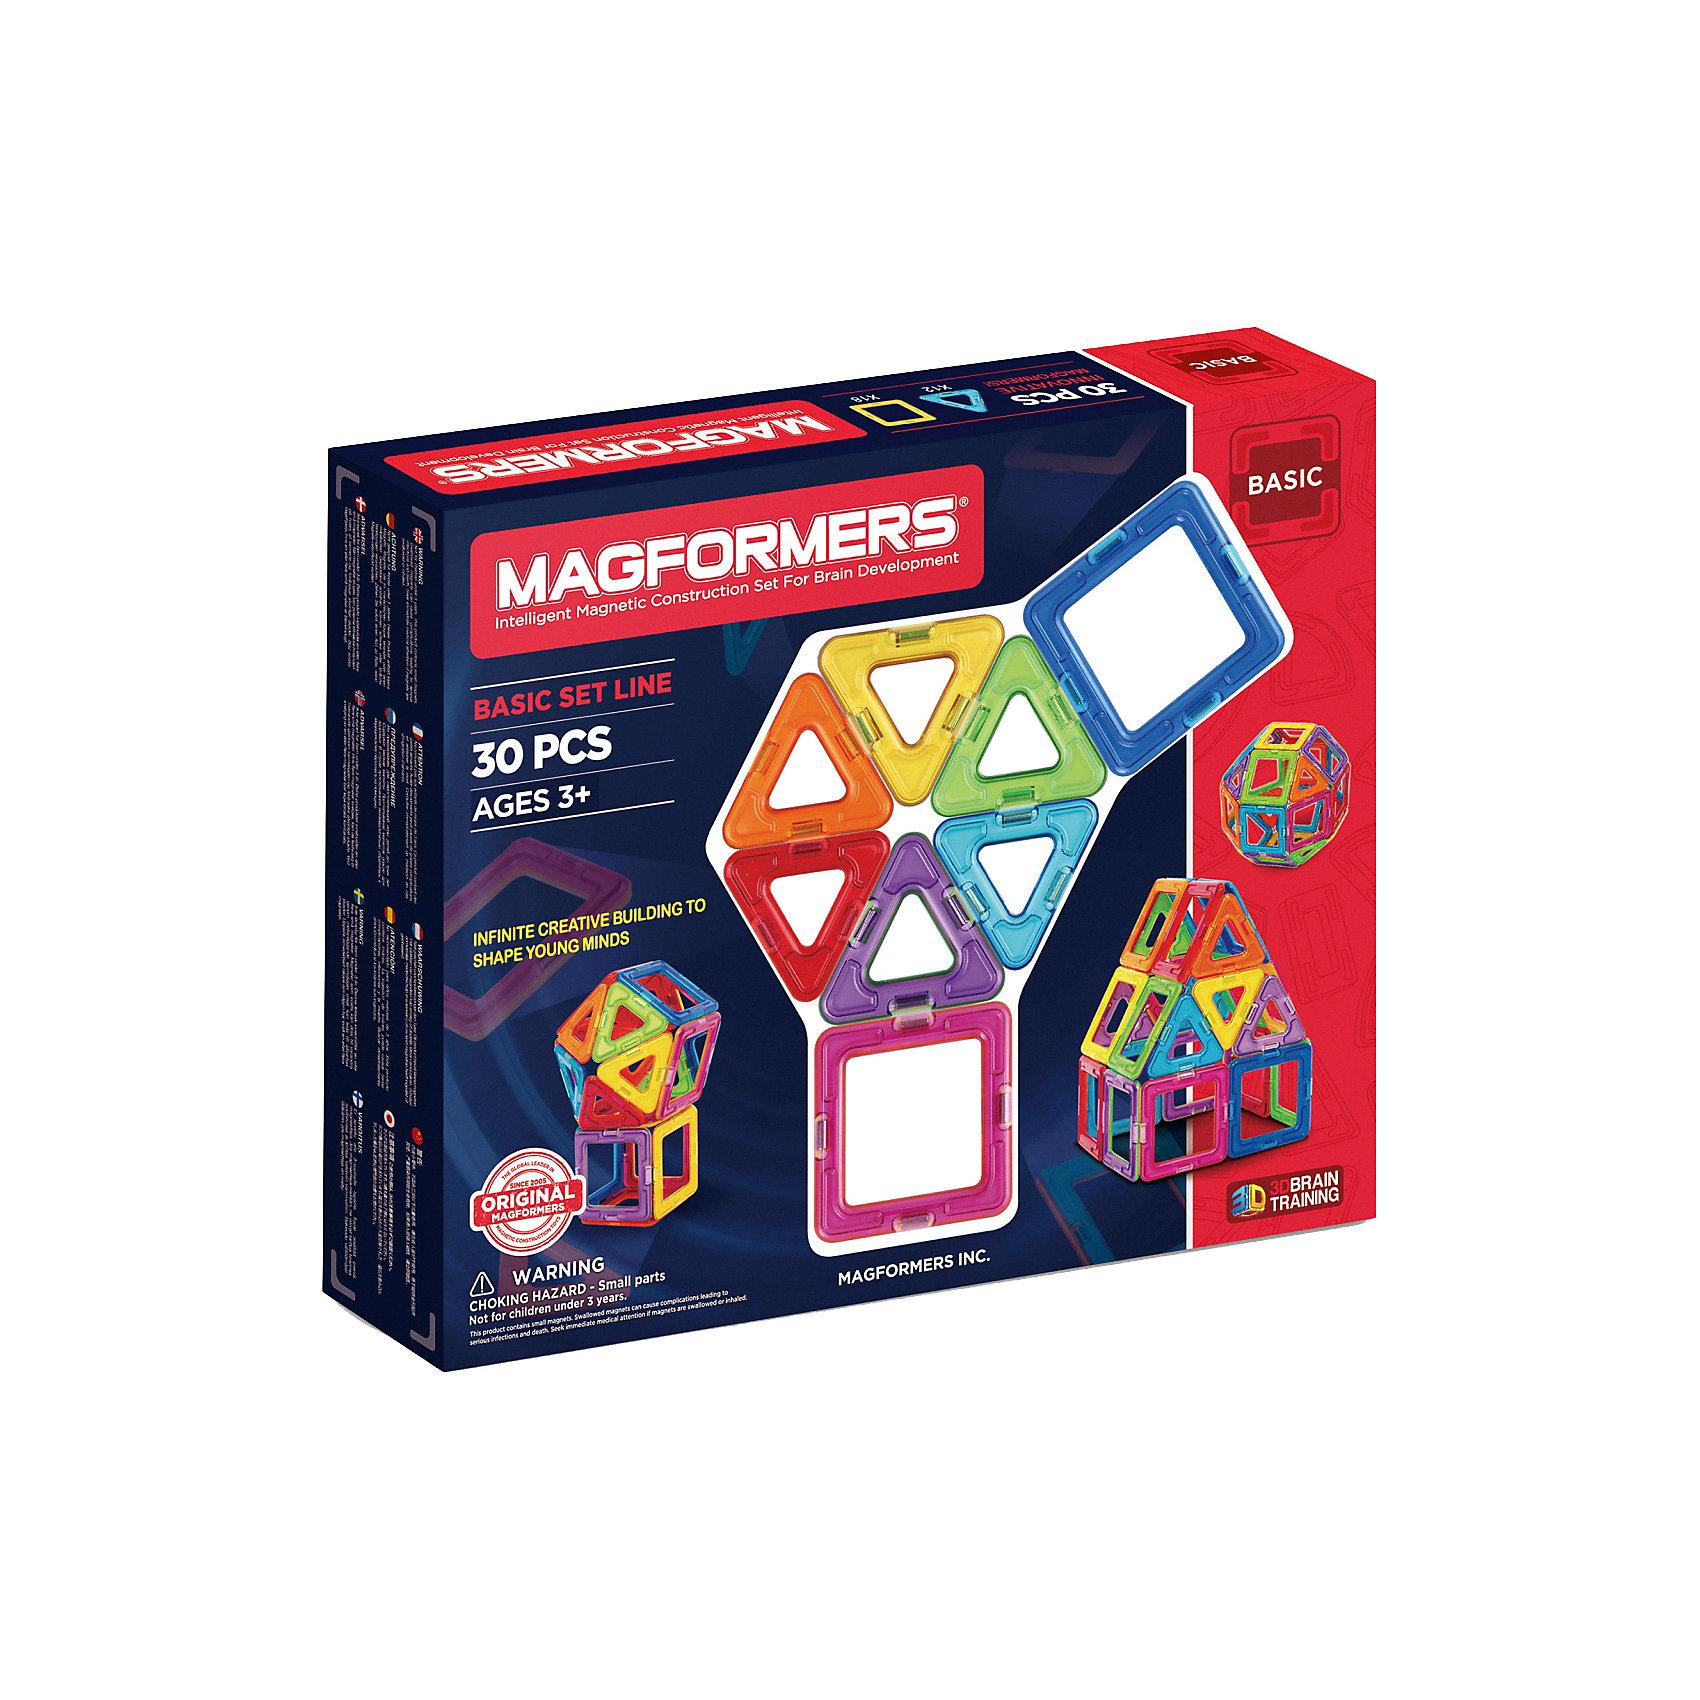 MAGFORMERS Магнитный конструктор, 30 деталей, MAGFORMERS магнитный конструктор magformers ледяной мир 30 элементов 63136